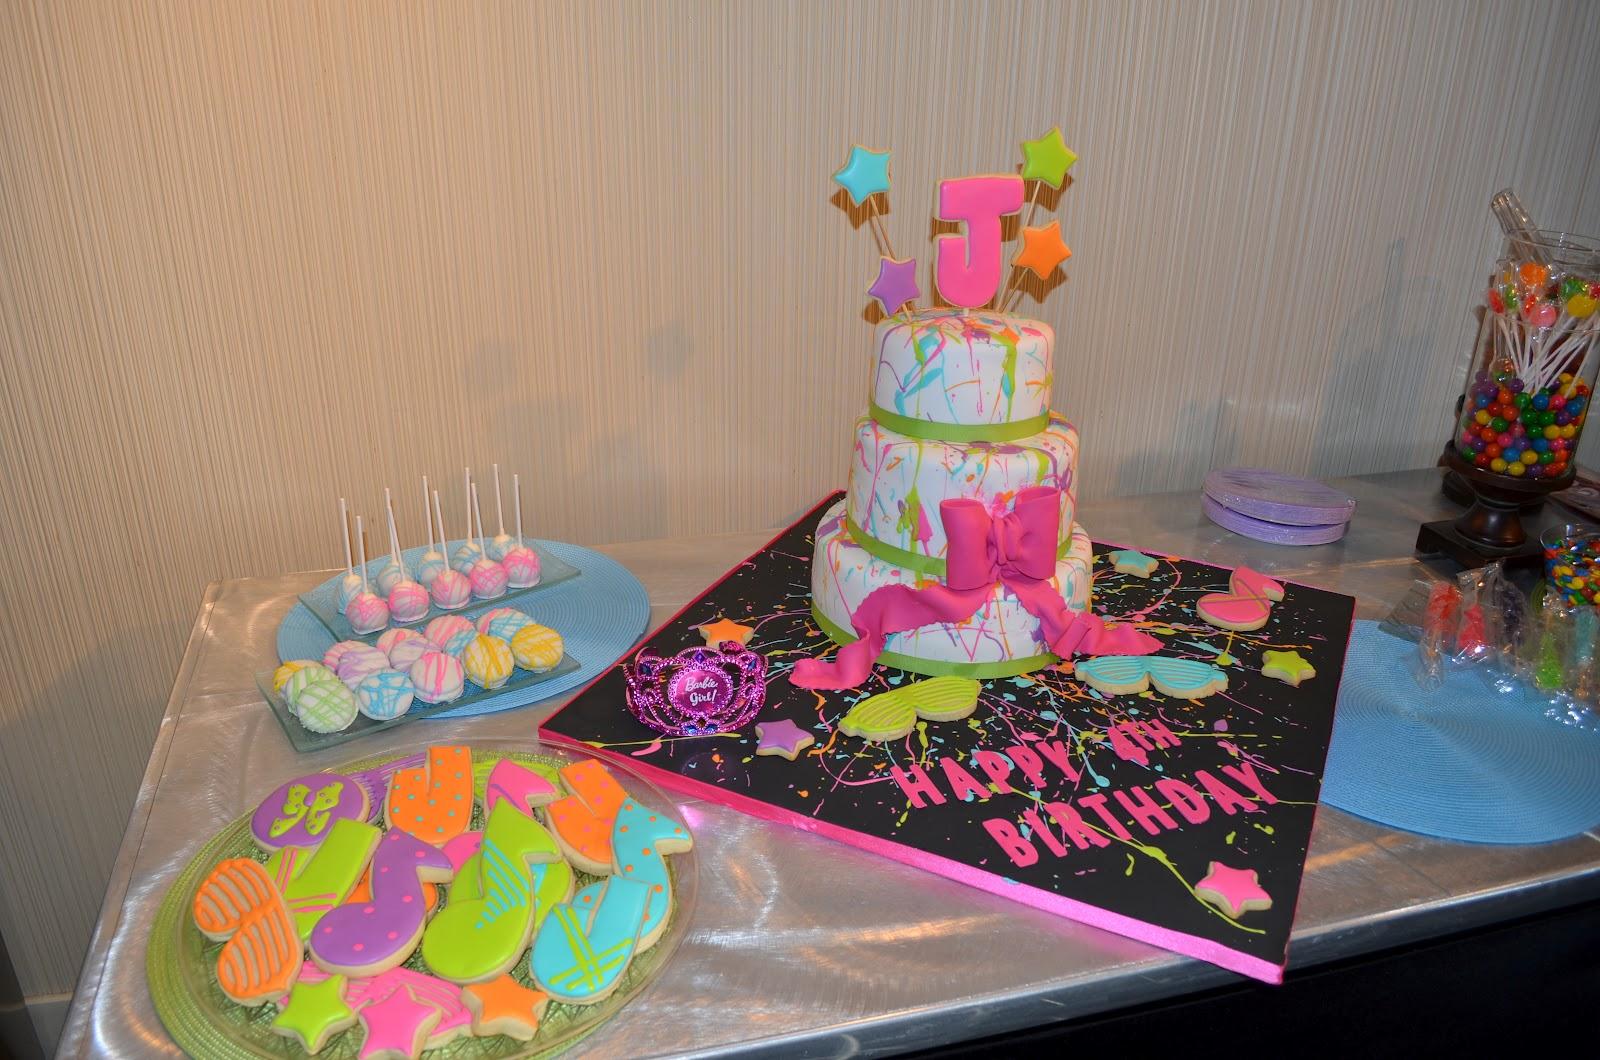 Nicki Minaj Baby Cake Ideas And Designs